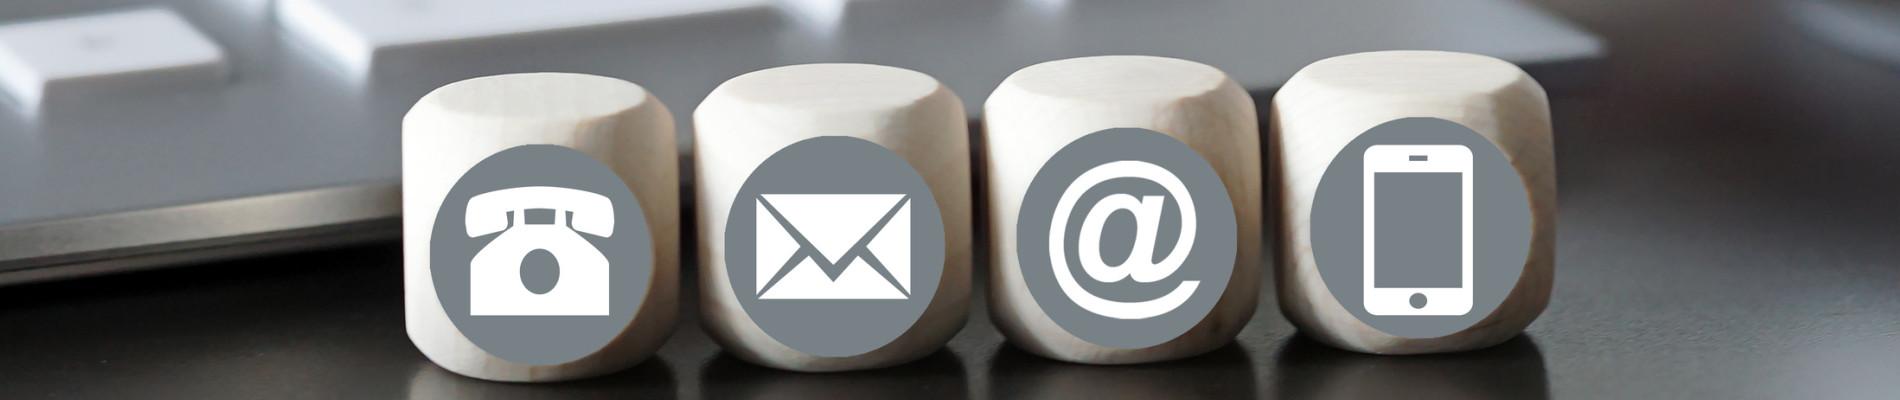 ícone de fale conosco